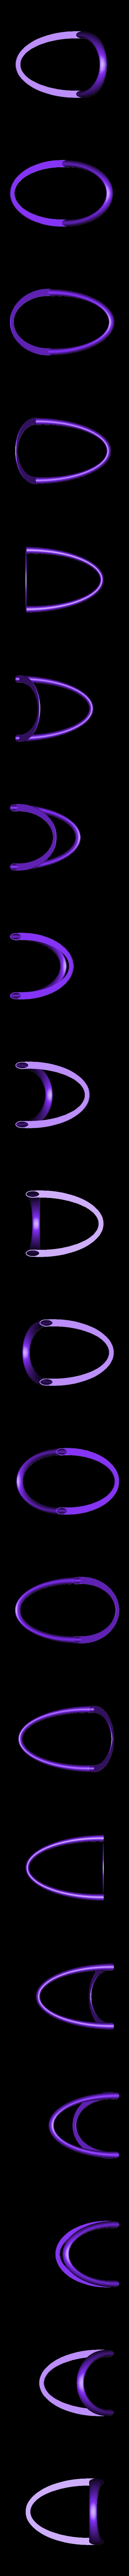 Bookend-LN.stl Télécharger fichier STL Curved Bookend • Plan à imprimer en 3D, djgeenen